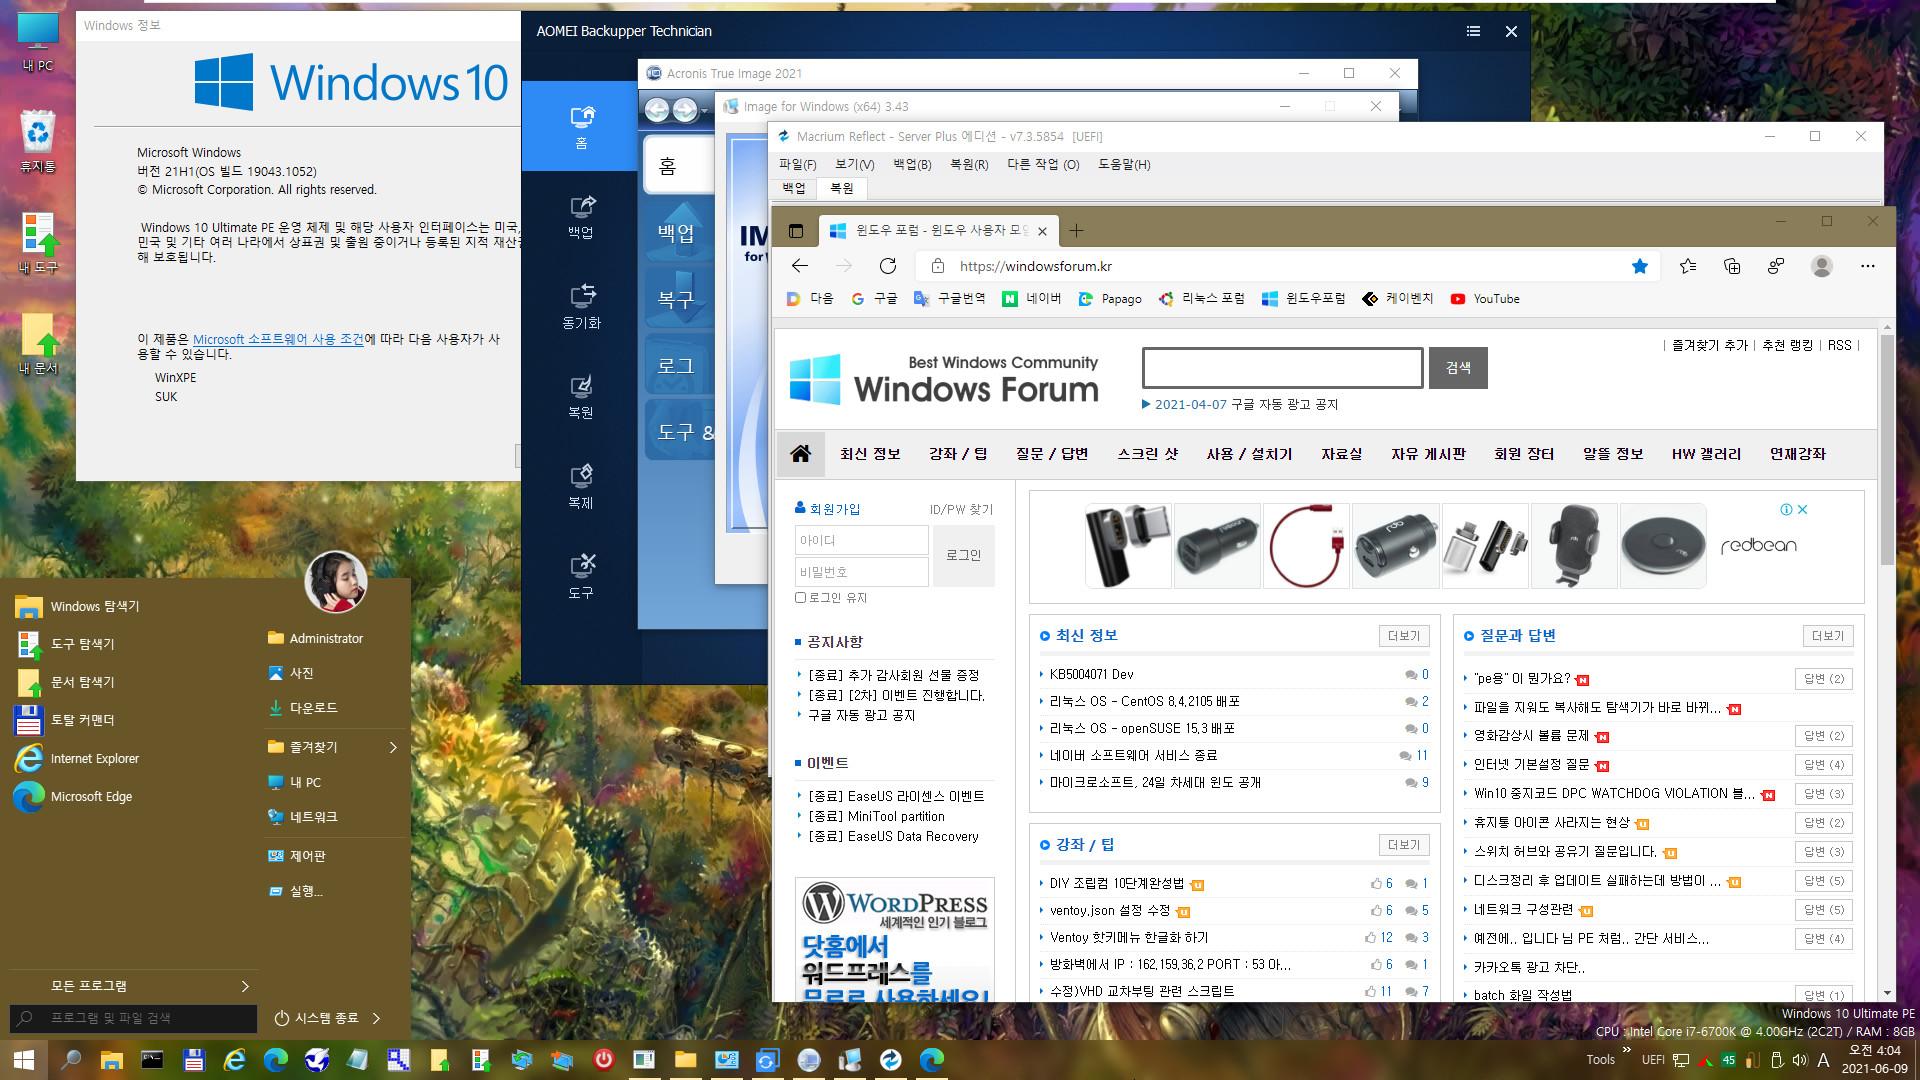 2021-06-09 수요일 정기 업데이트 - PRO x64 3개 버전 통합 - Windows 10 버전 2004, 빌드 19041.1052 + 버전 20H2, 빌드 19042.1052 + 버전 21H1, 빌드 19043.1052 - 공용 누적 업데이트 KB5003637 - 2021-06-09_040448.jpg